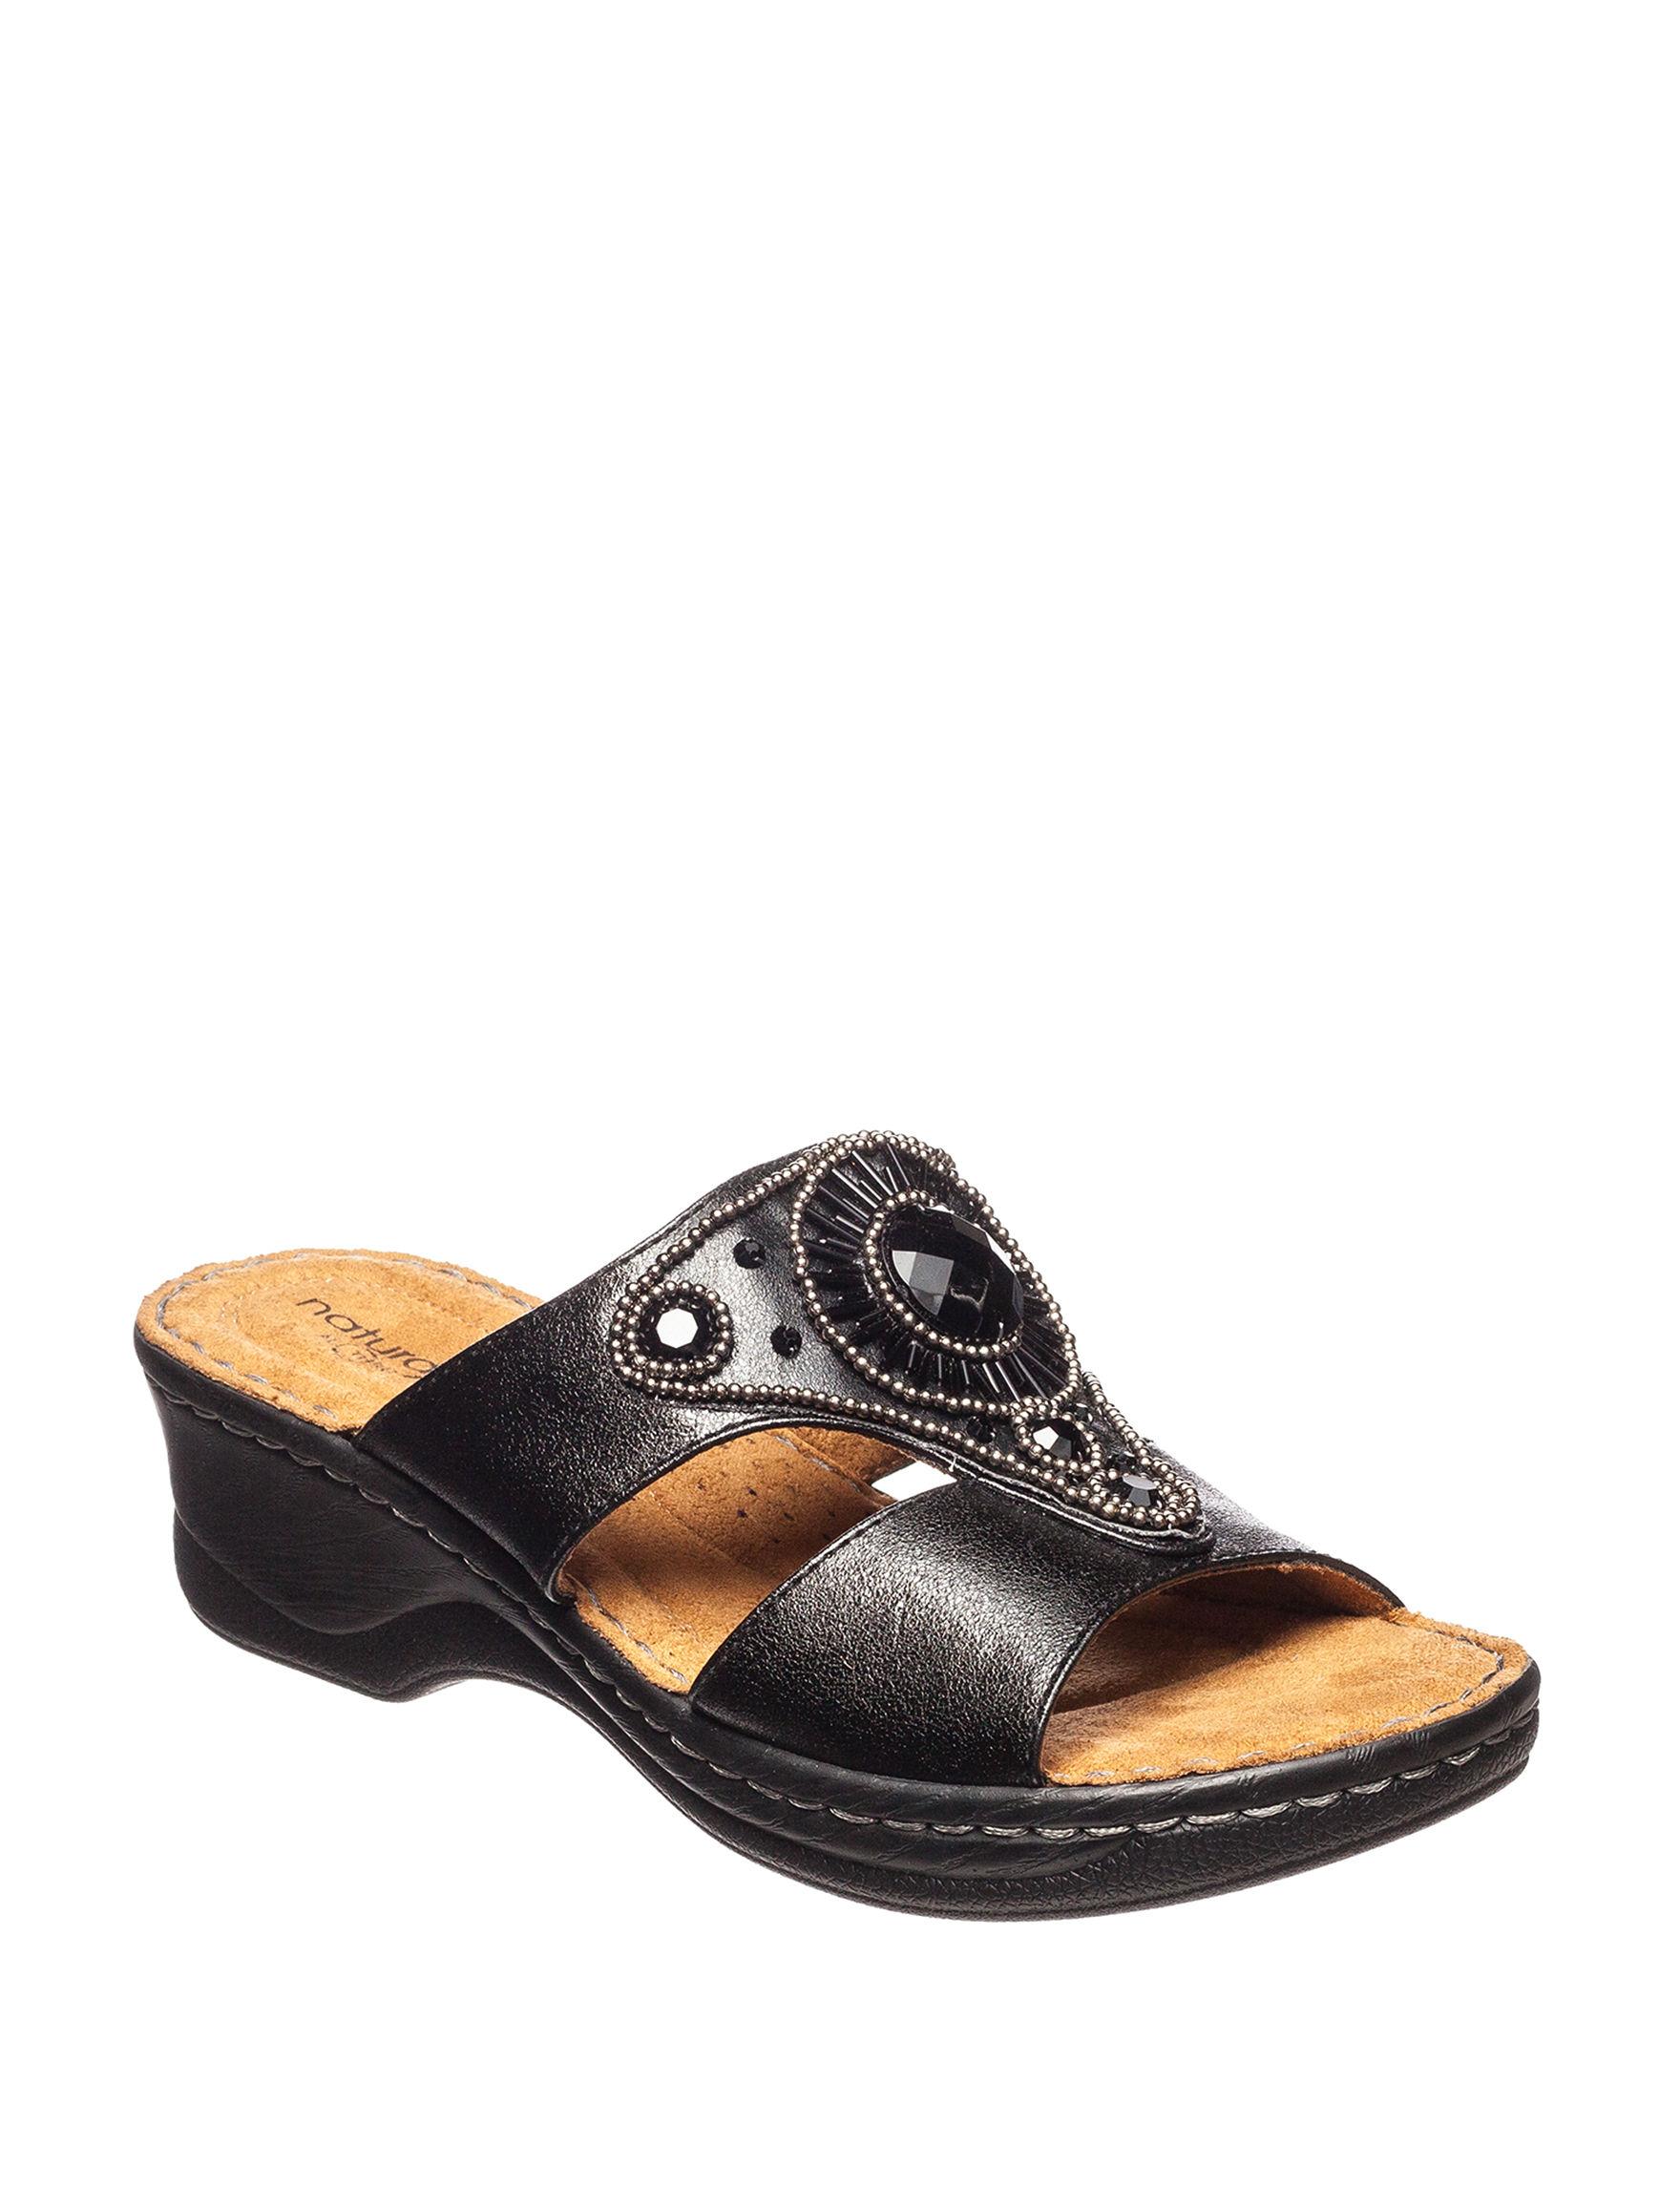 Natural Soul Black Wedge Sandals Comfort